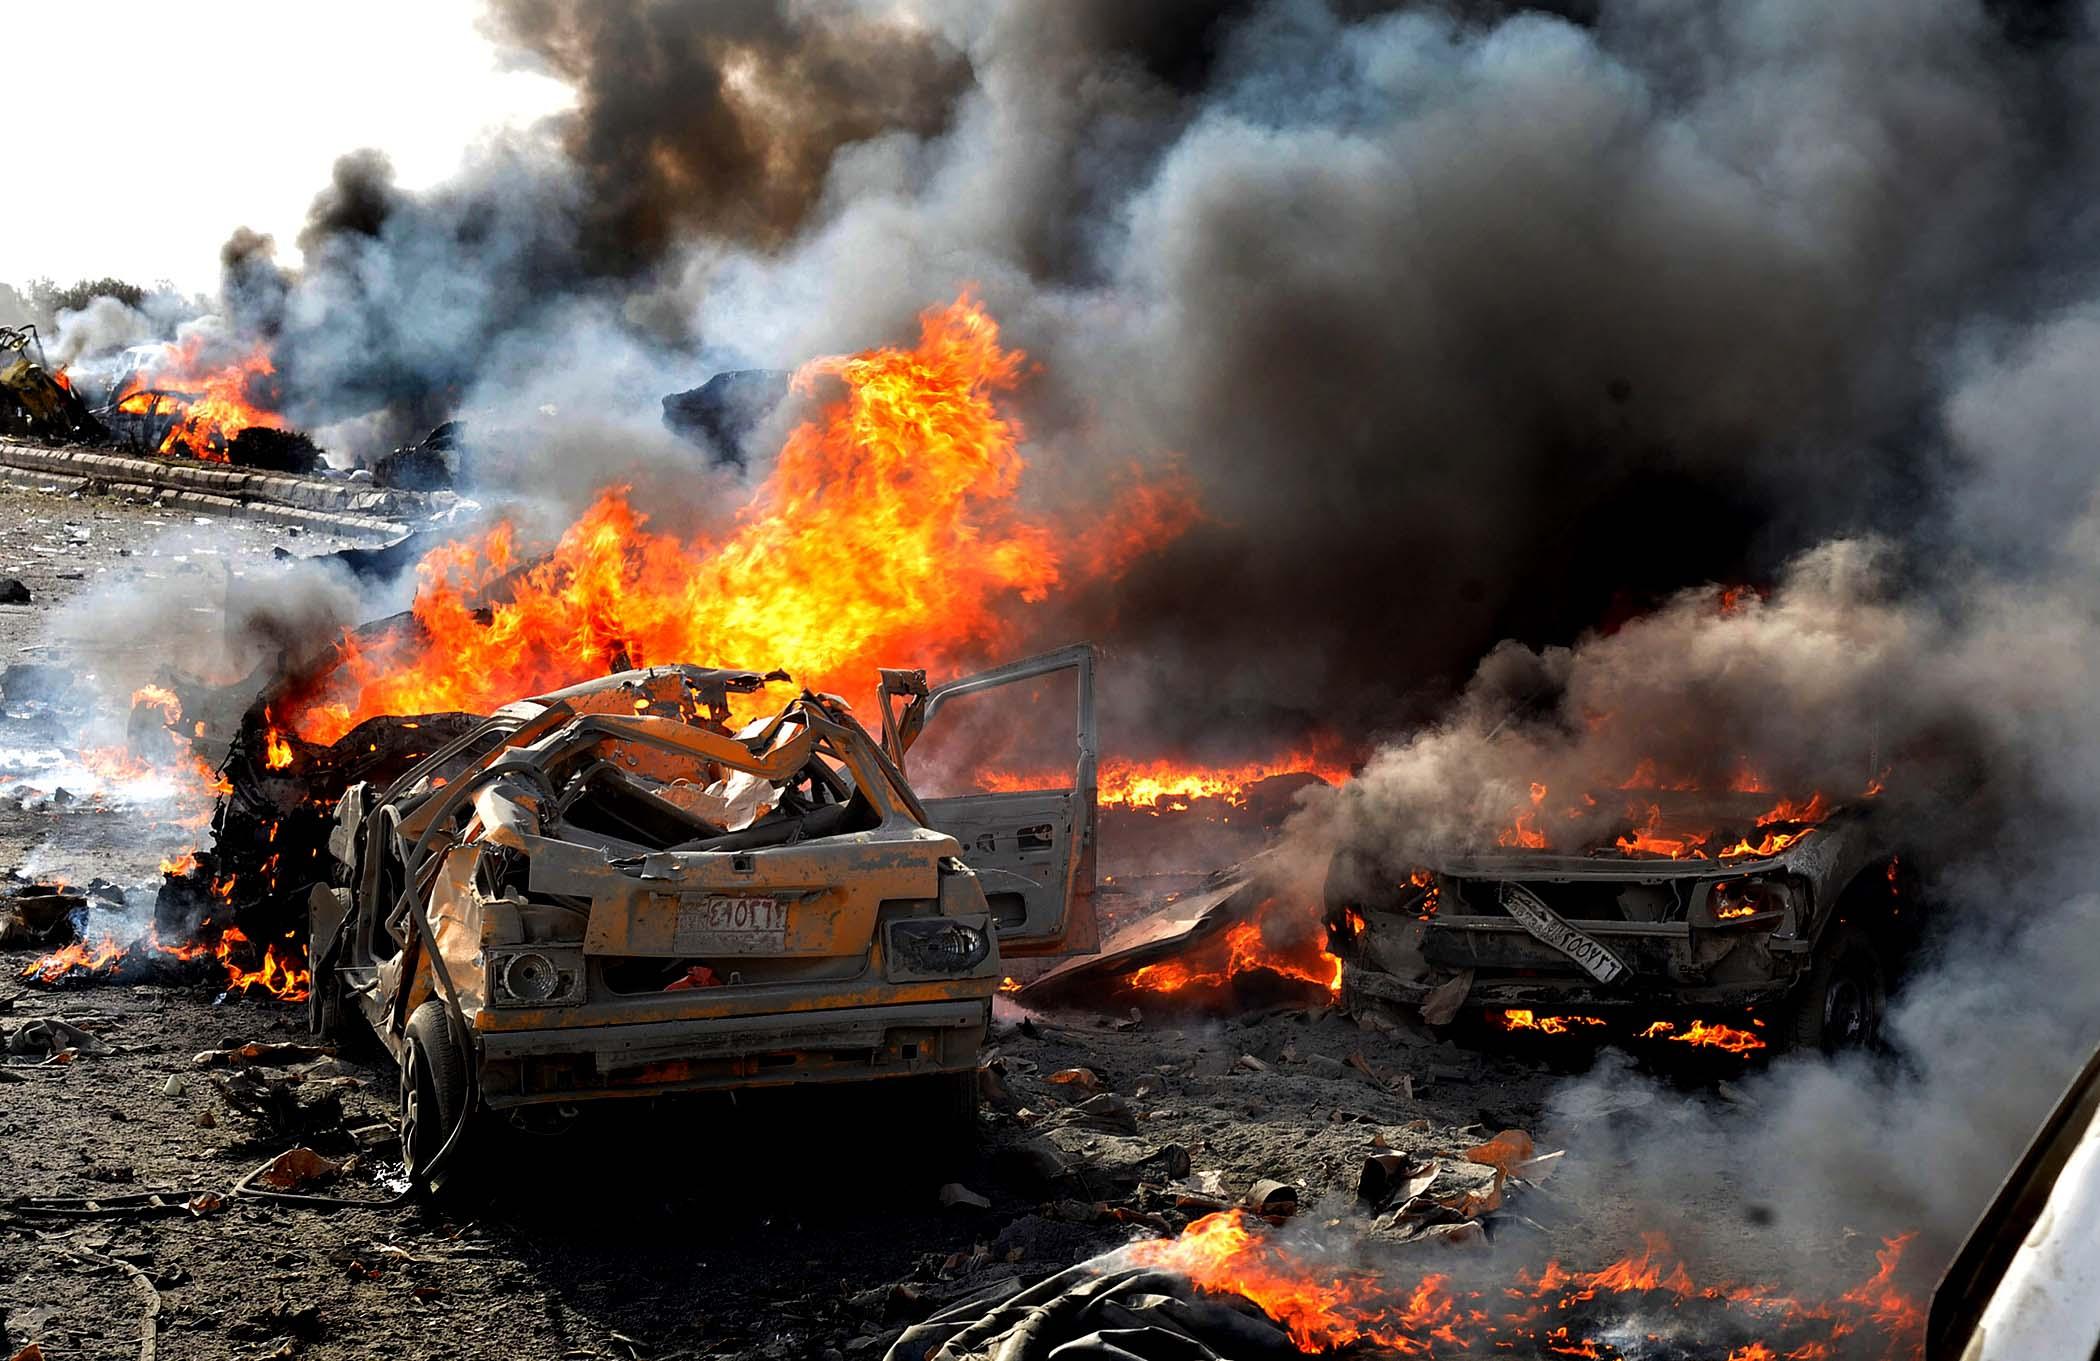 СРОЧНО! Тройная атака смертников в Дамаске: жертвы, крики и ужас